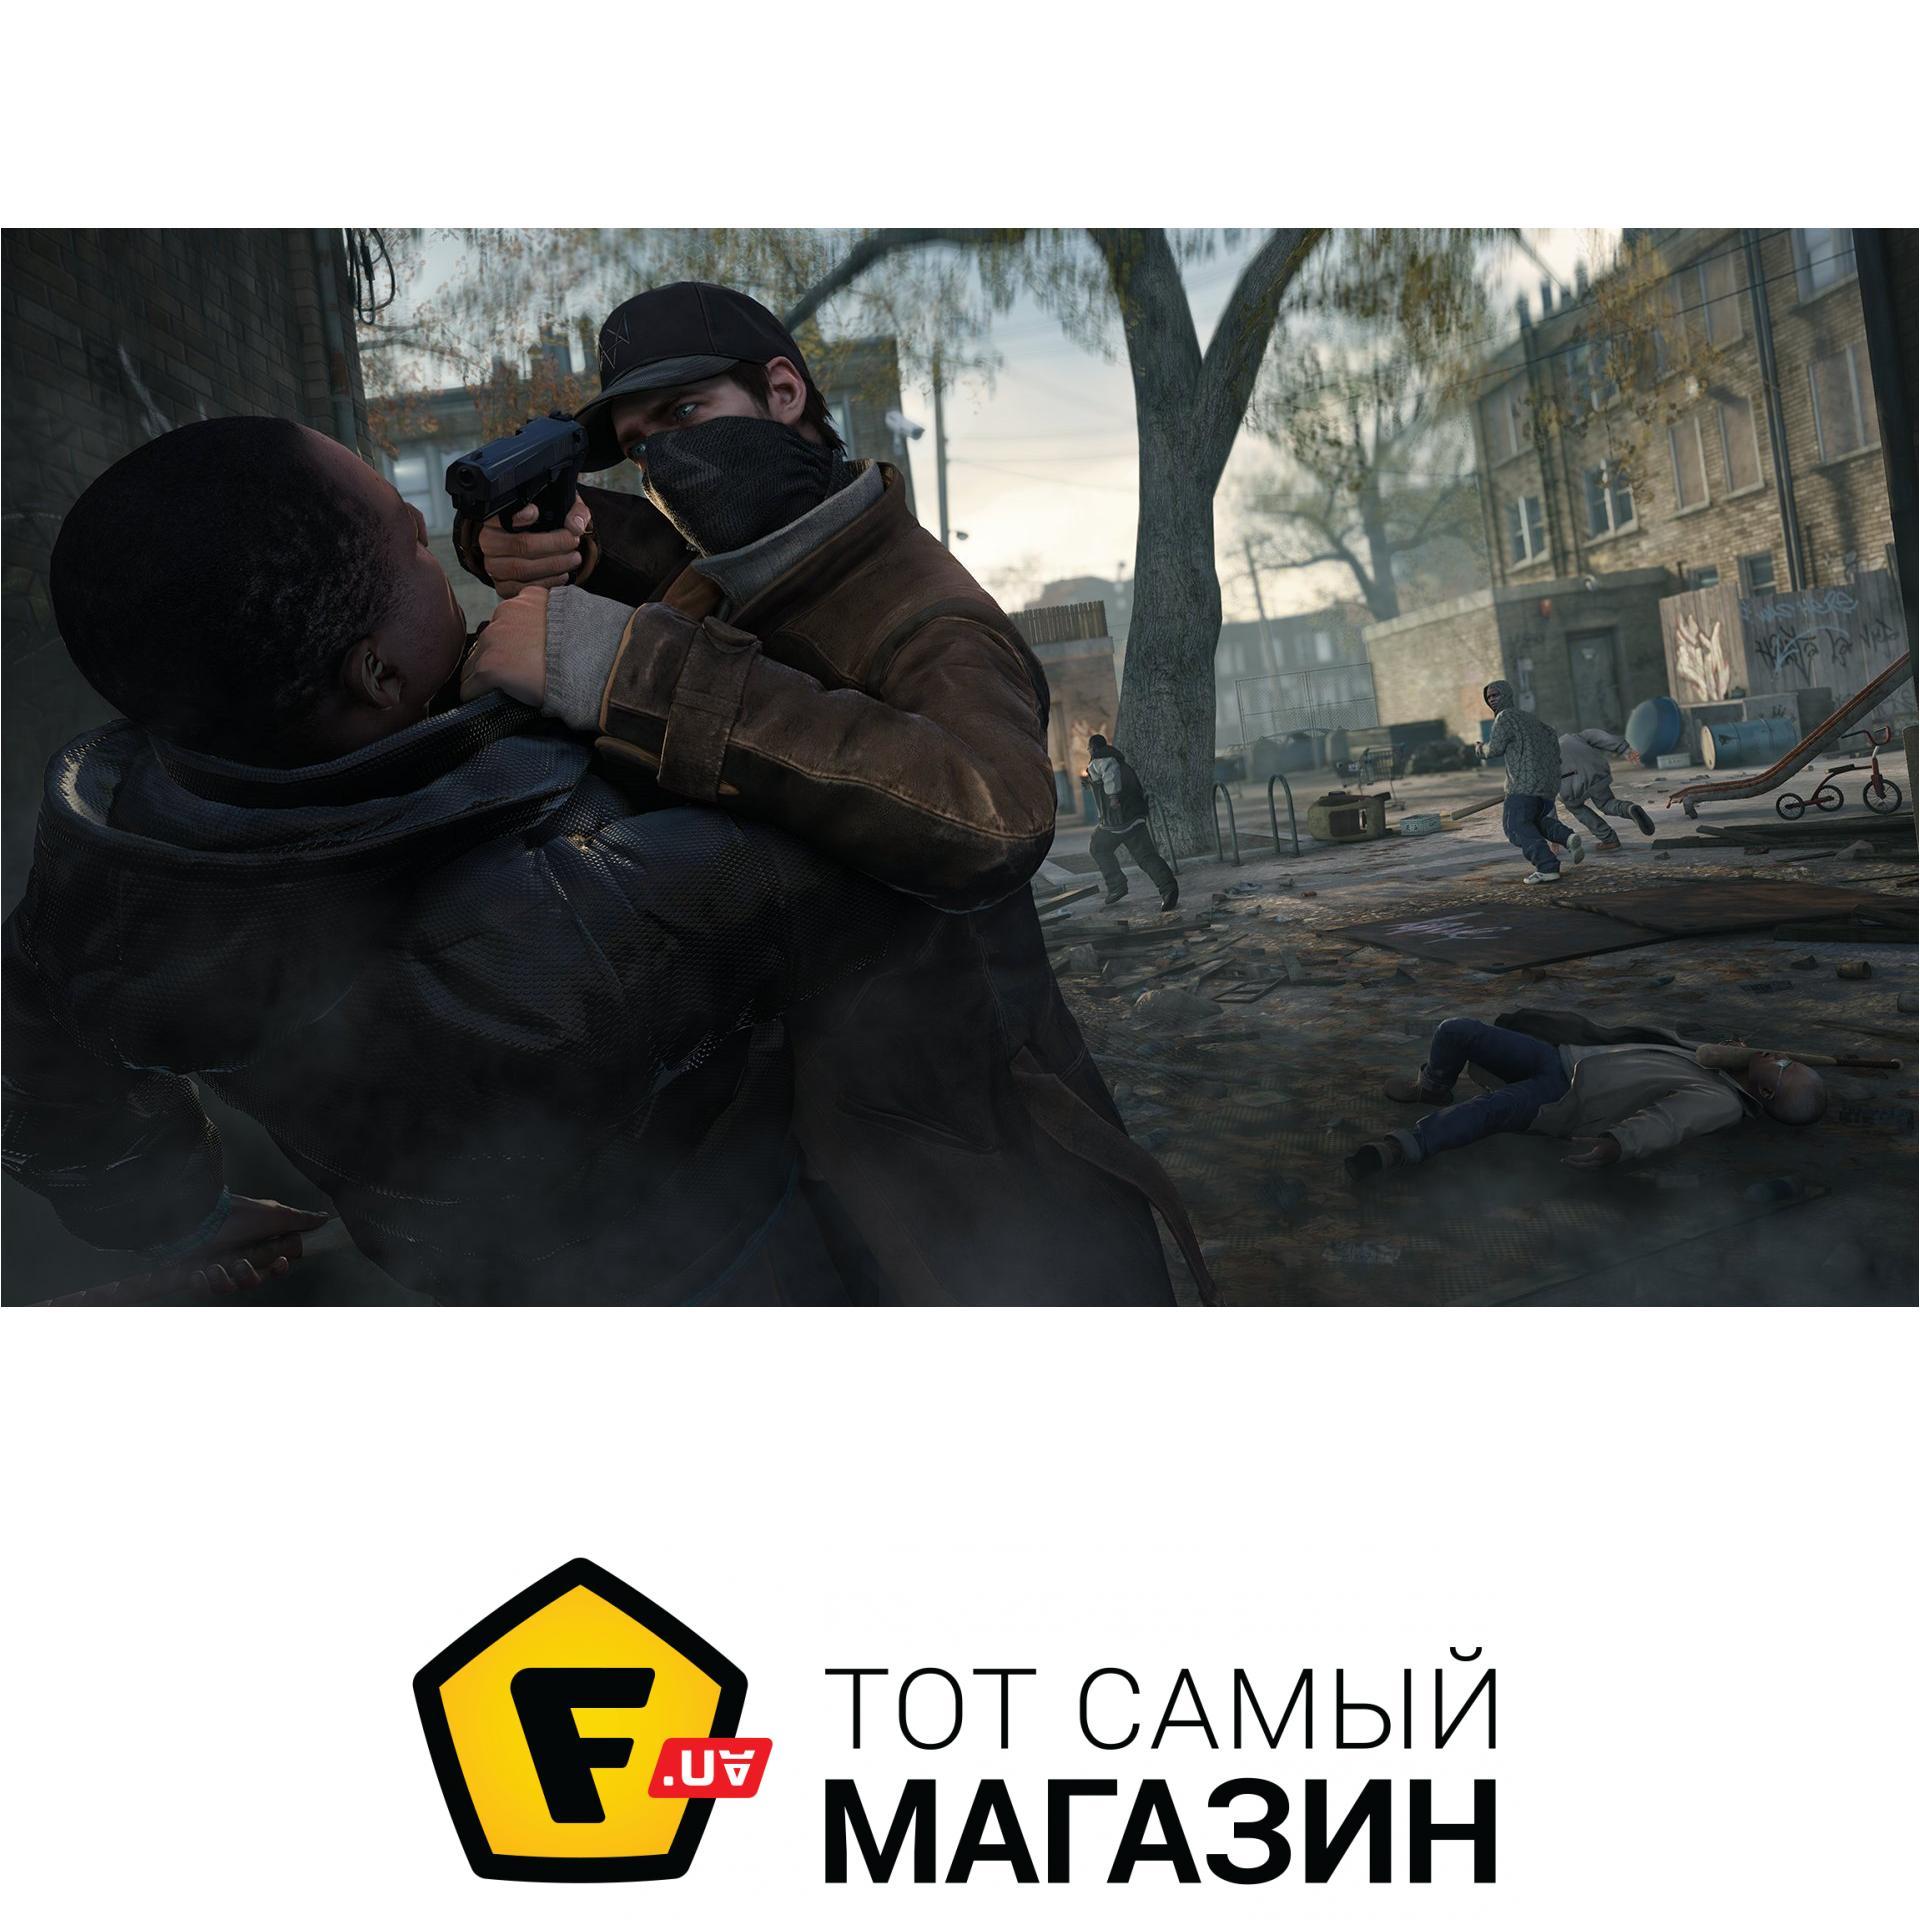 Упоротые картинки, красивые прикольные картинки игр